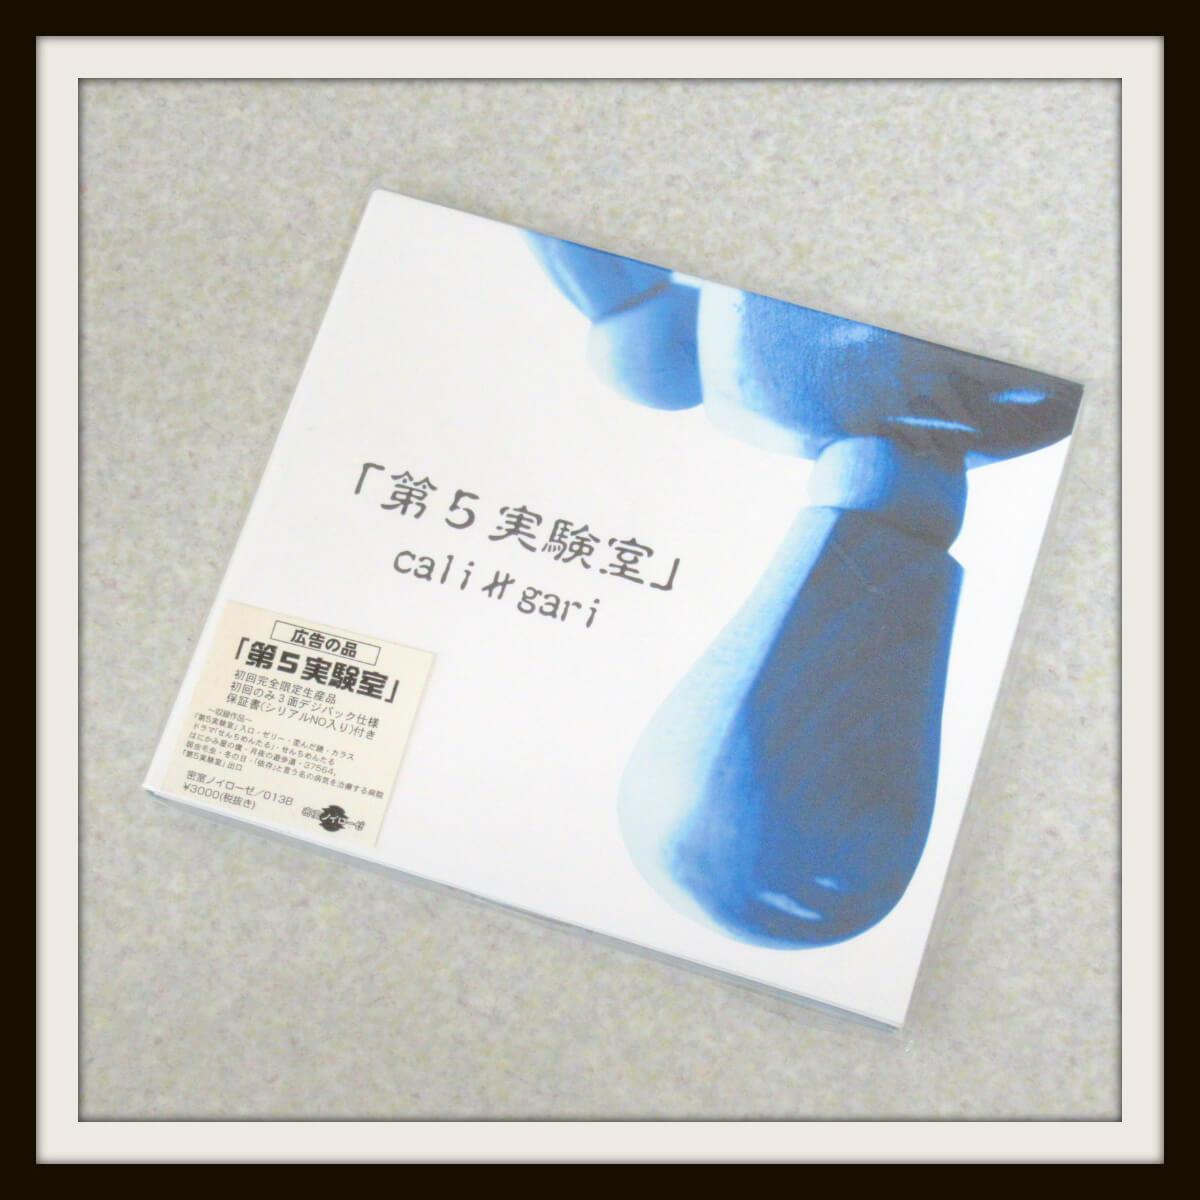 cali≠gari 第5実験室 初回CD